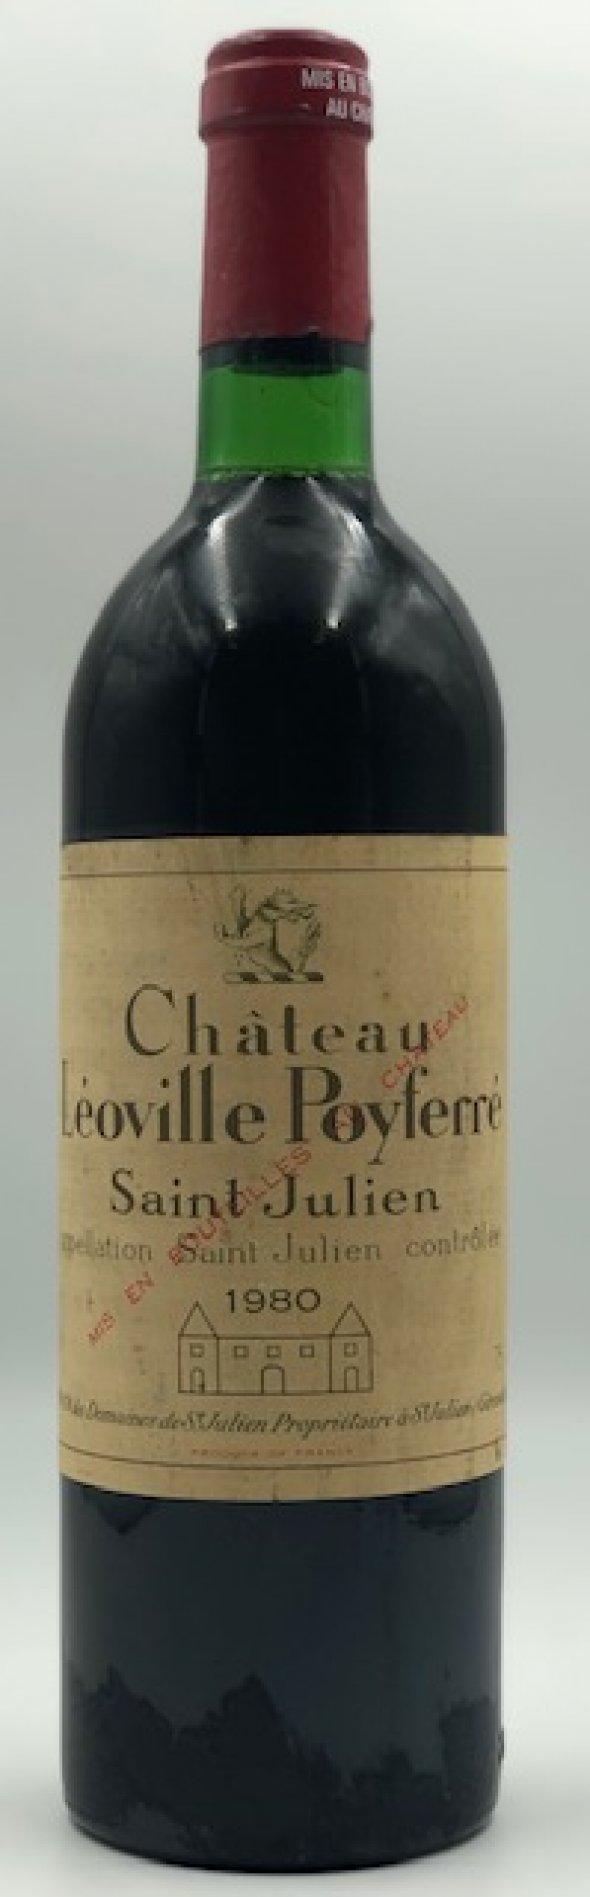 Chateau Leoville Poyferre 2eme Grand Cru Classe